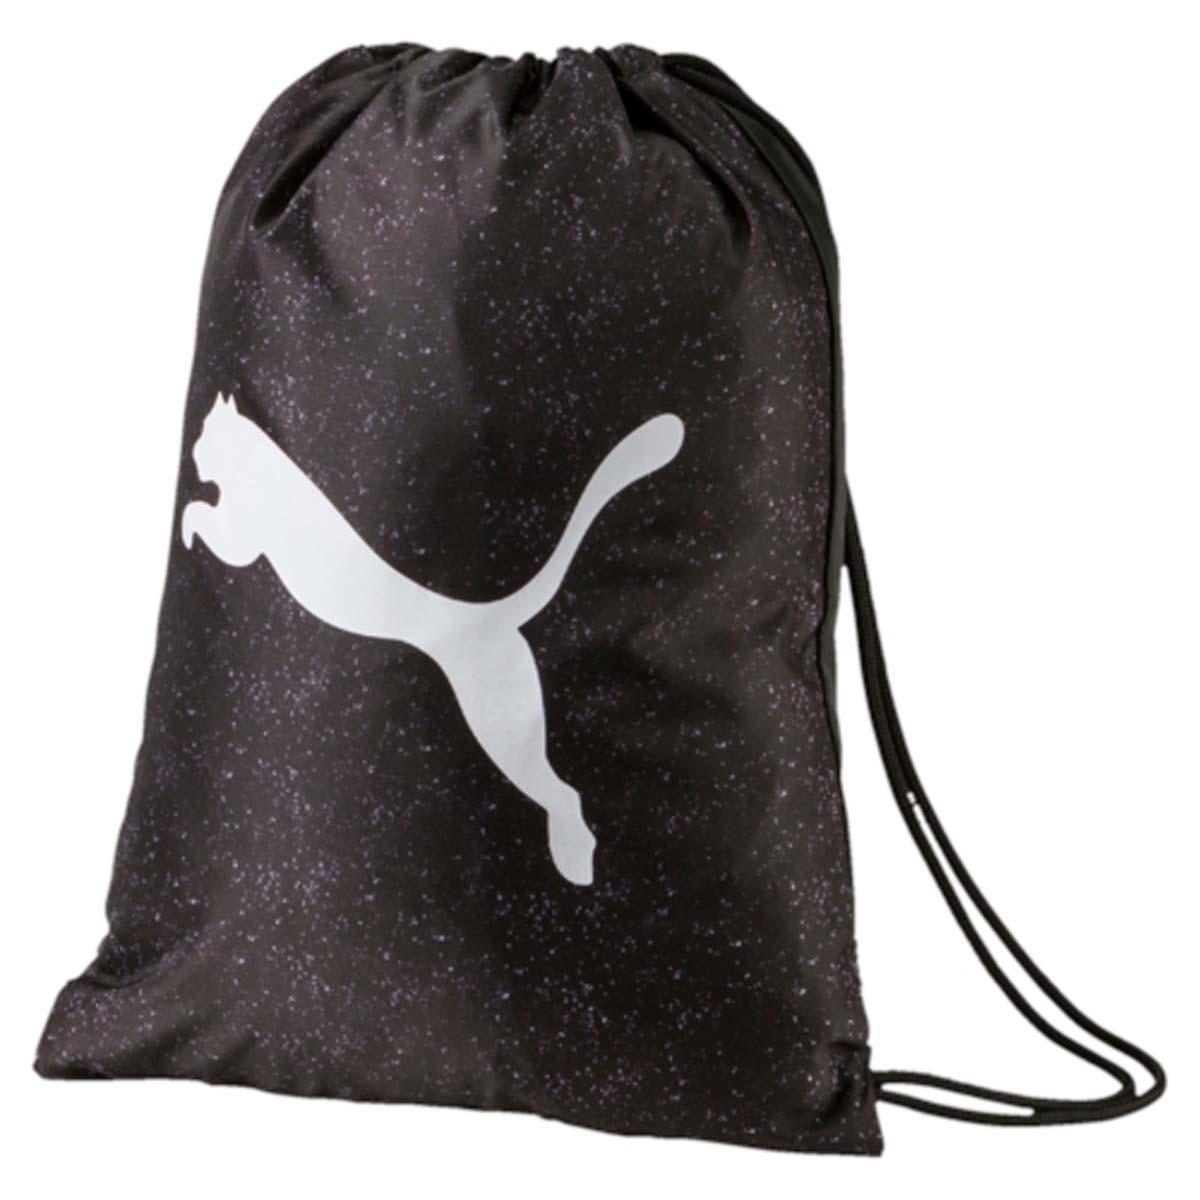 Рюкзак Puma Alpha Gym Sack, цвет: черный. 074407012582-1белыеСпортивный рюкзак Puma выполнен из текстиля. Модель с одним отделением на затягивающемся шнурке и тонких лямках.